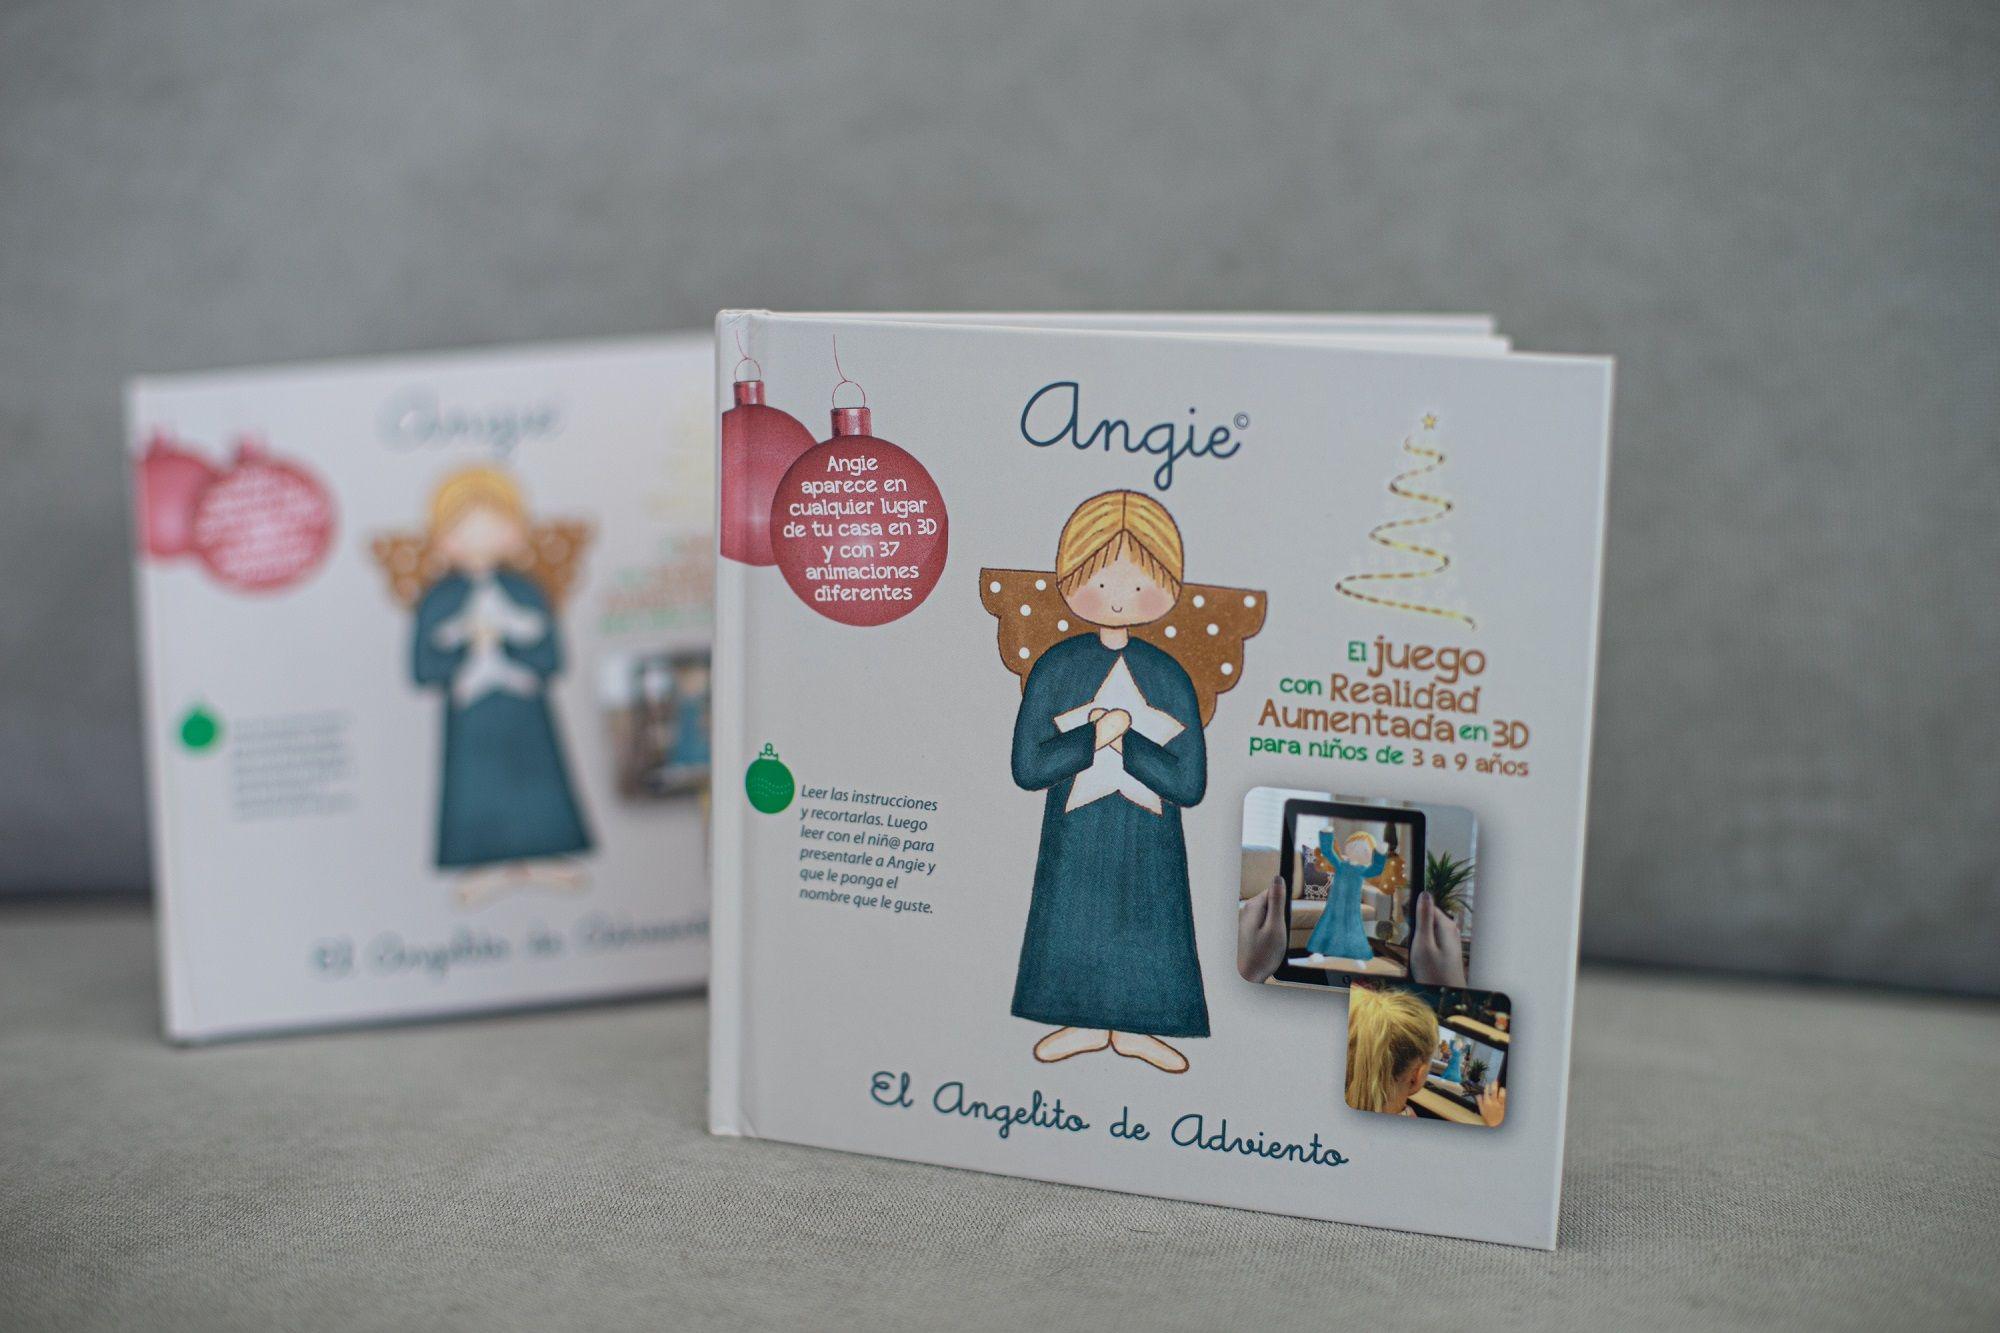 Disciple Toys presenta Angie, el innovador juego de adviento con realidad aumentada en 3D